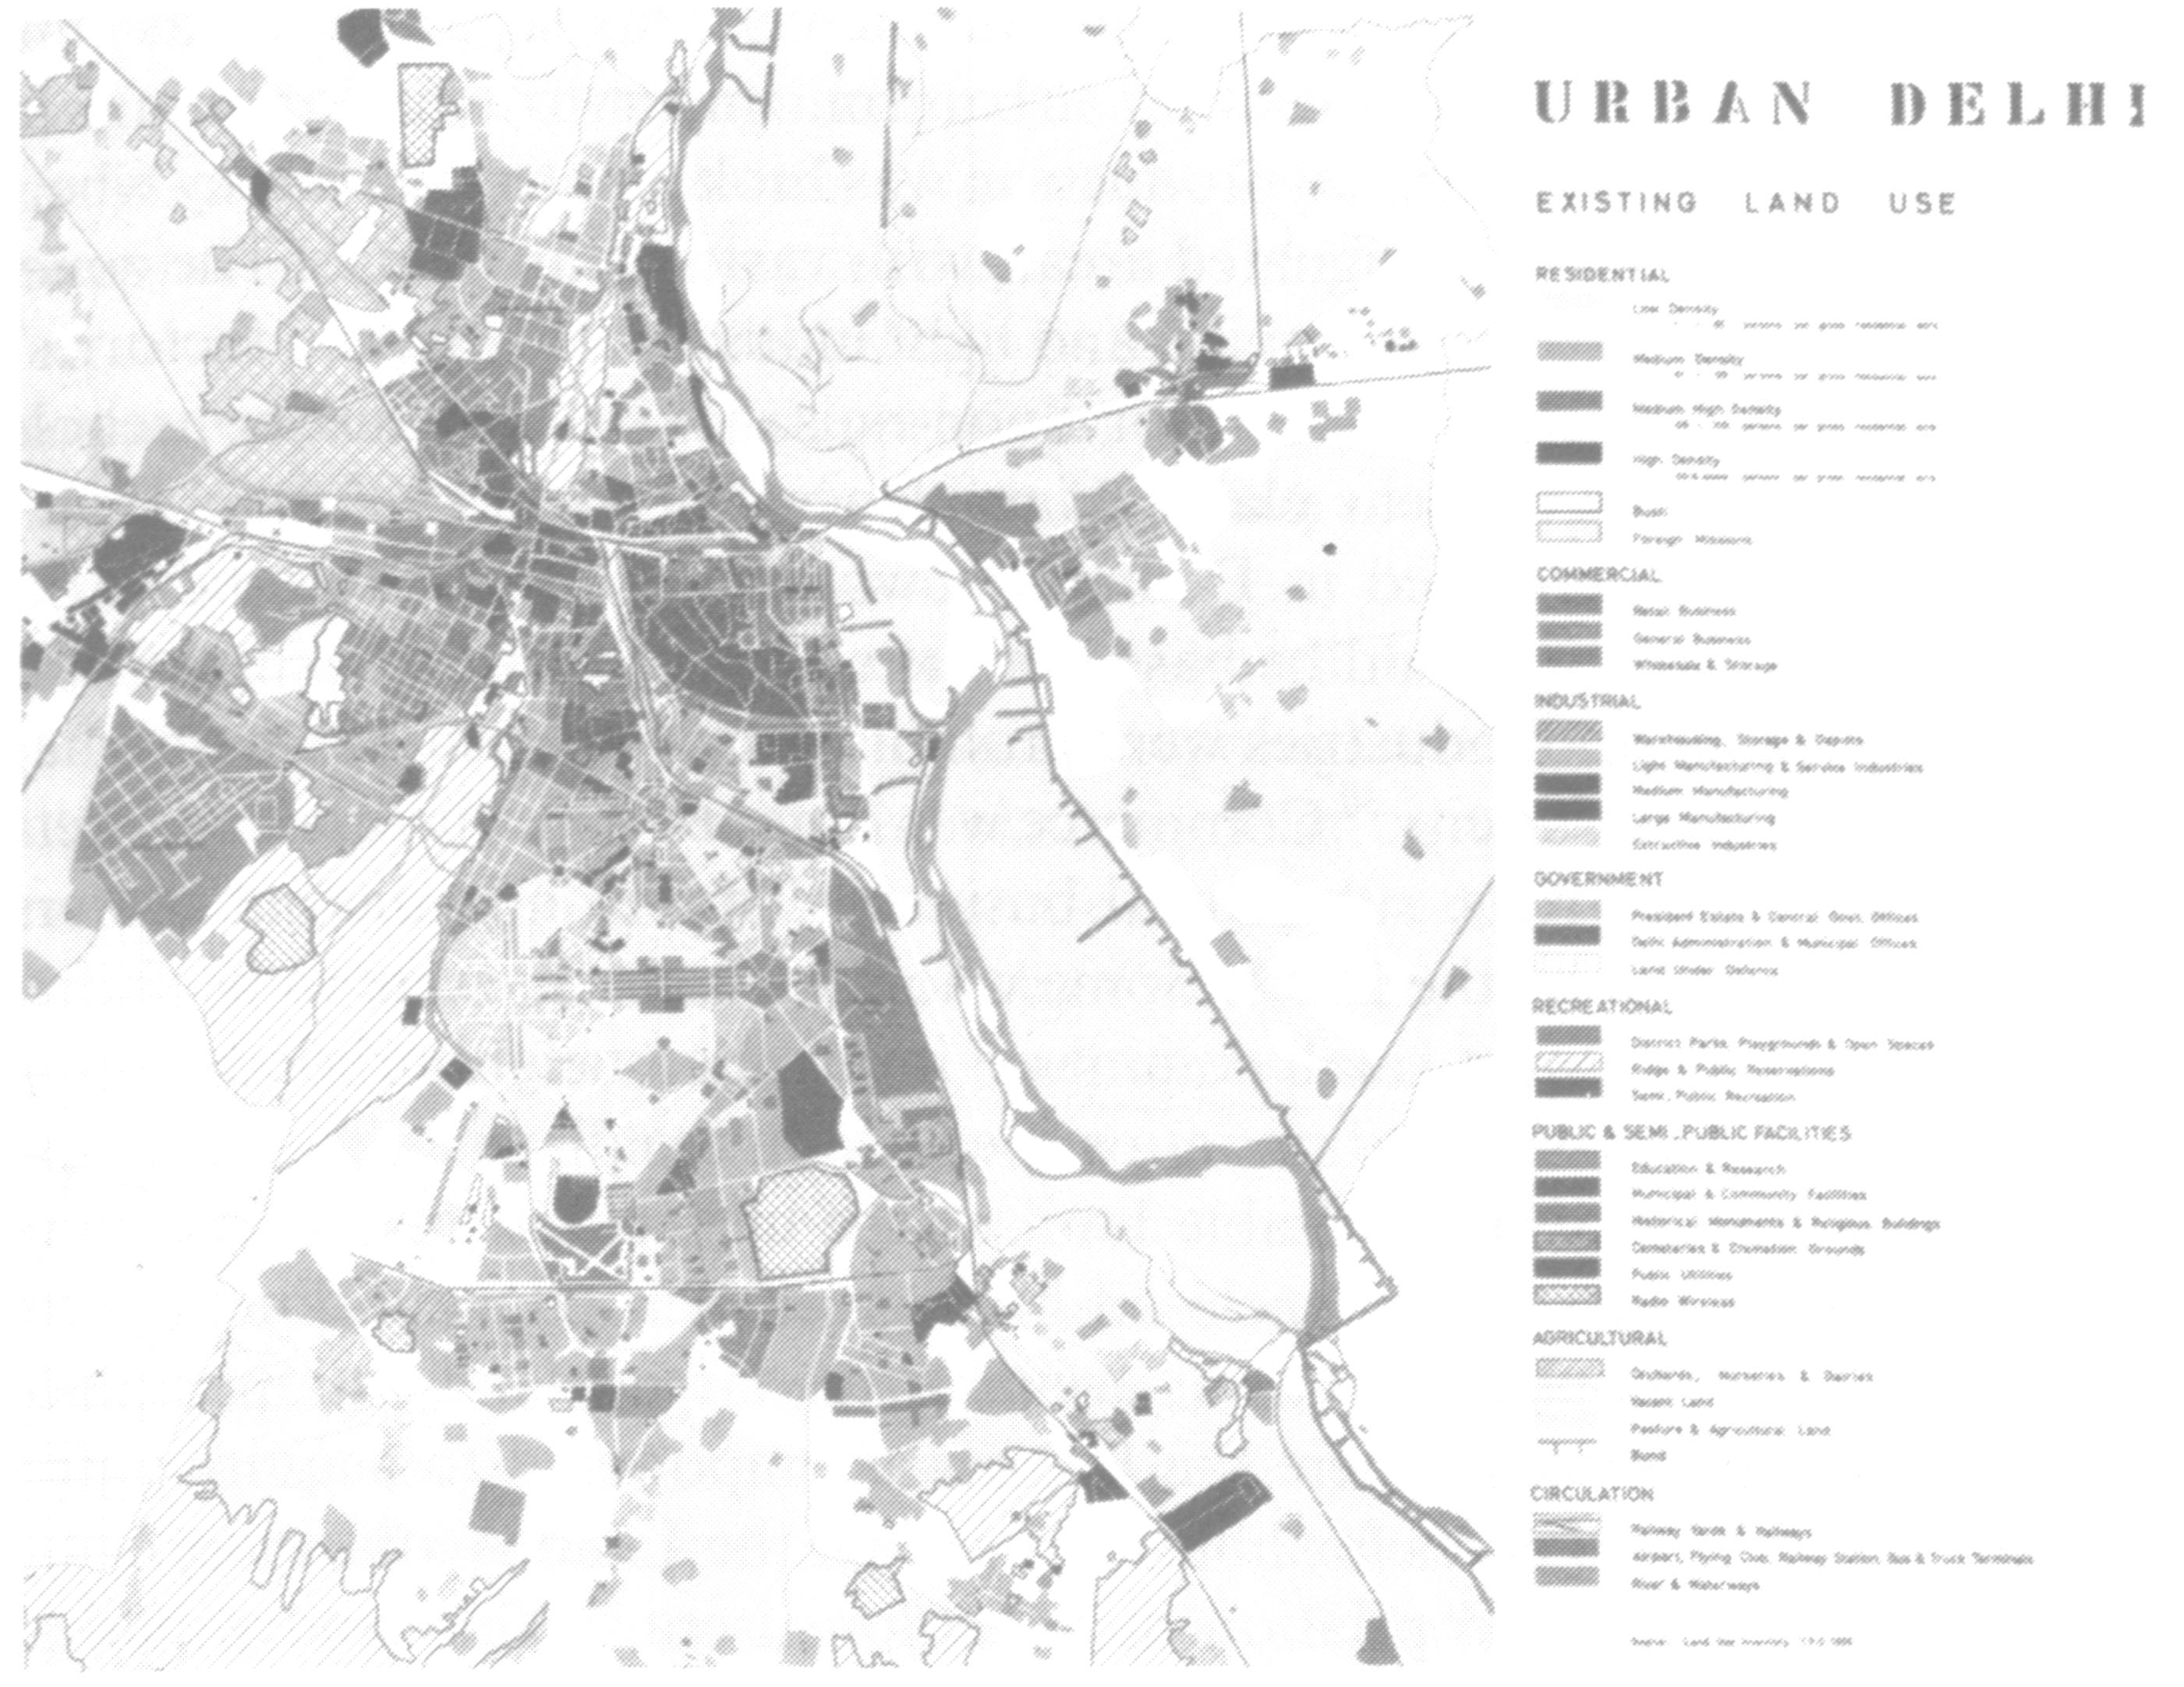 Figure 1: Map of Delhi, 1962. Source: Masterplan for Delhi, as cited in (Sundaram, 2009: 50).